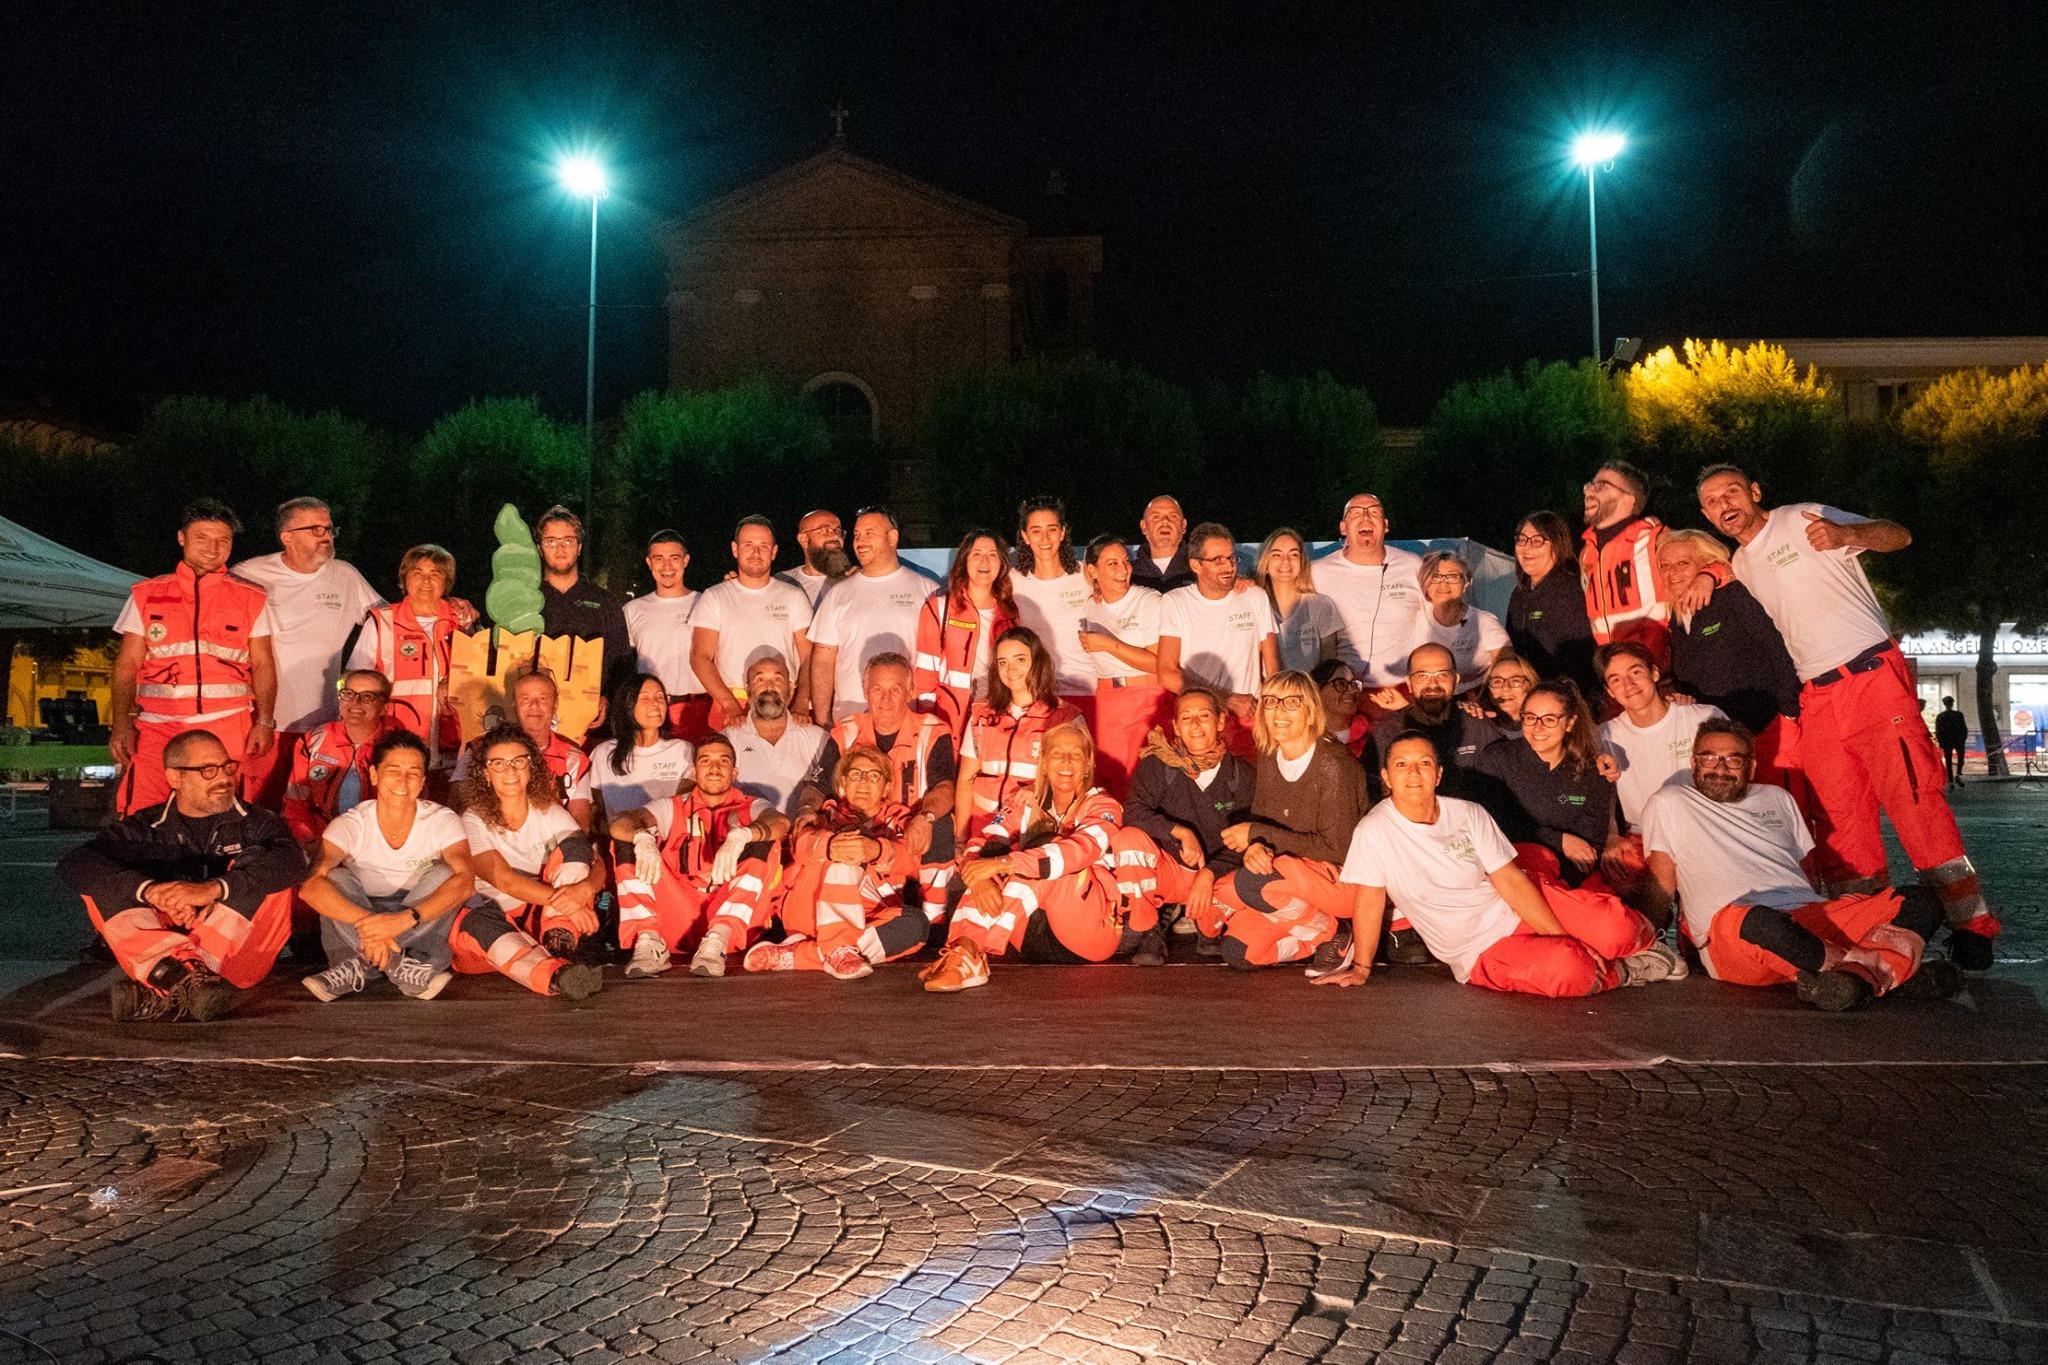 CROCEVERDOPOLI - 2# EDIZIONE - 22 SETTEMBRE 2019